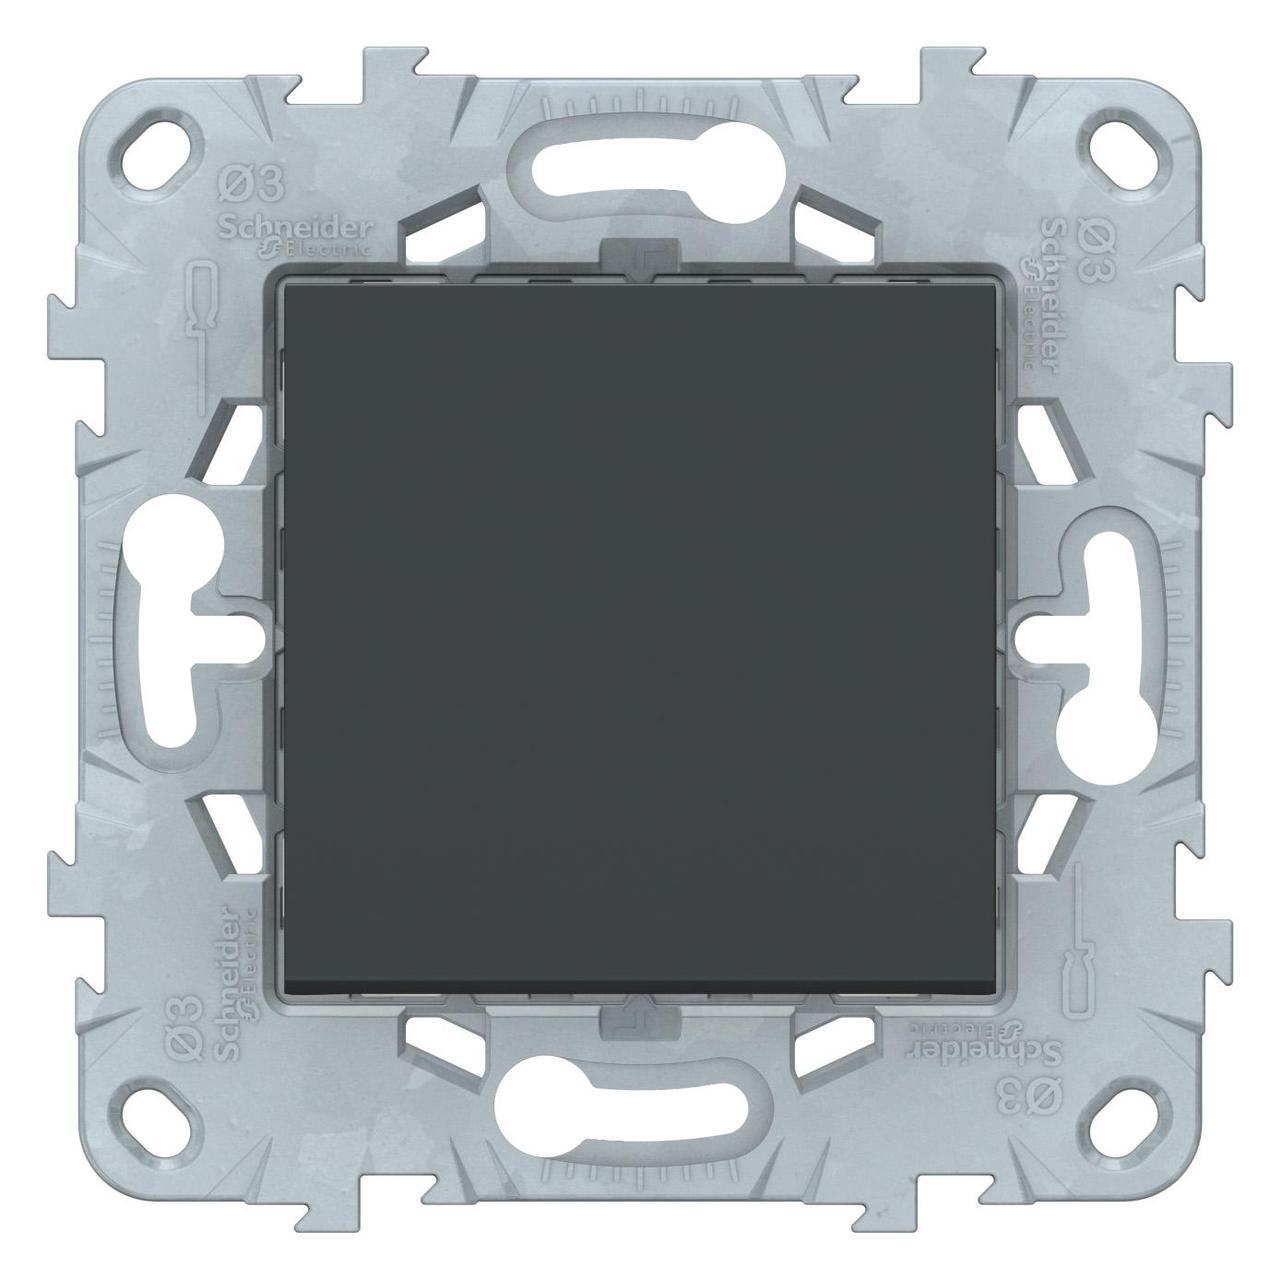 Выключатель 1-клавишный , Антрацит, серия Unica New, Schneider Electric